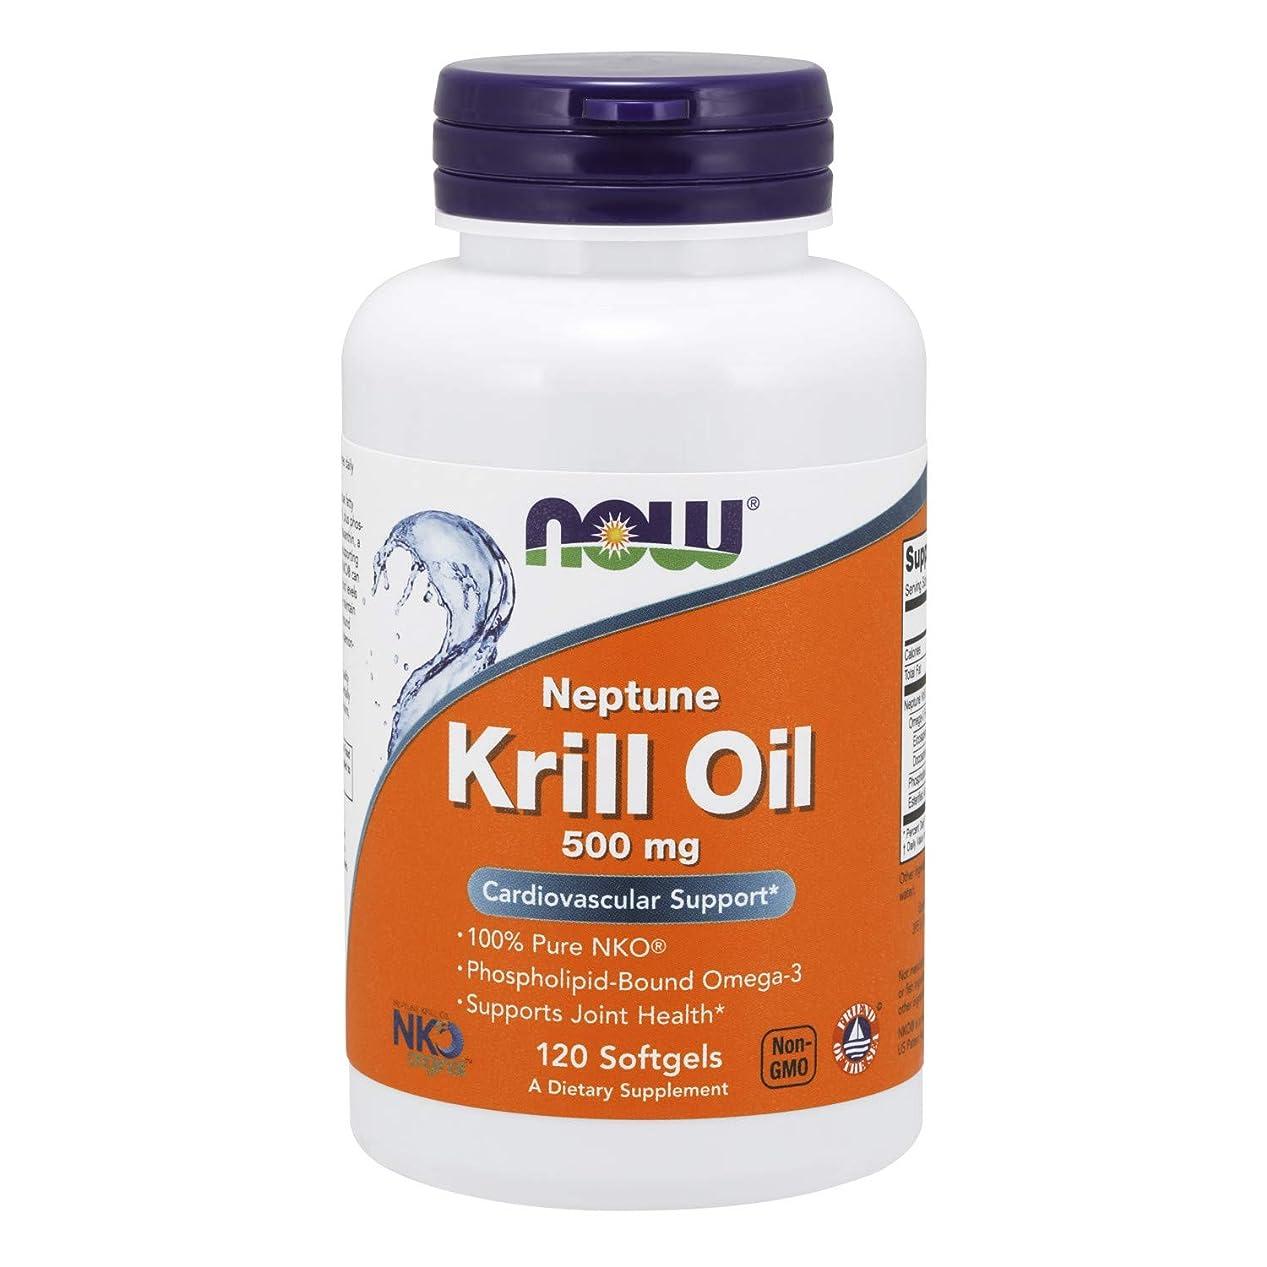 曇った植物学者武器[海外直送品] ナウフーズ  Neptune Krill Oil 120 Softgels 500 mg